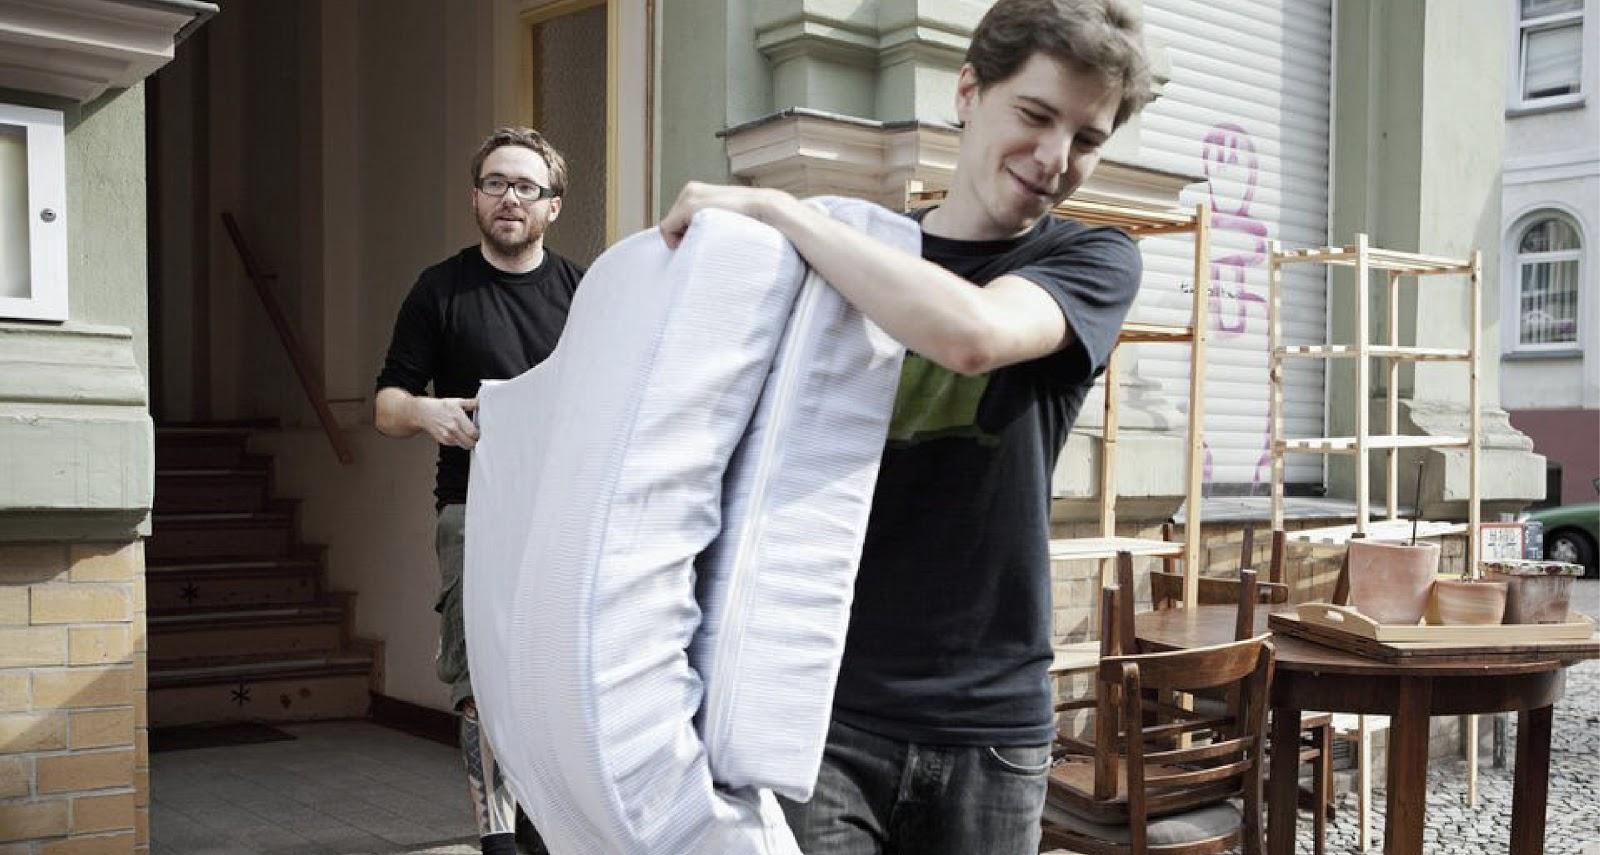 men carrying a mattress